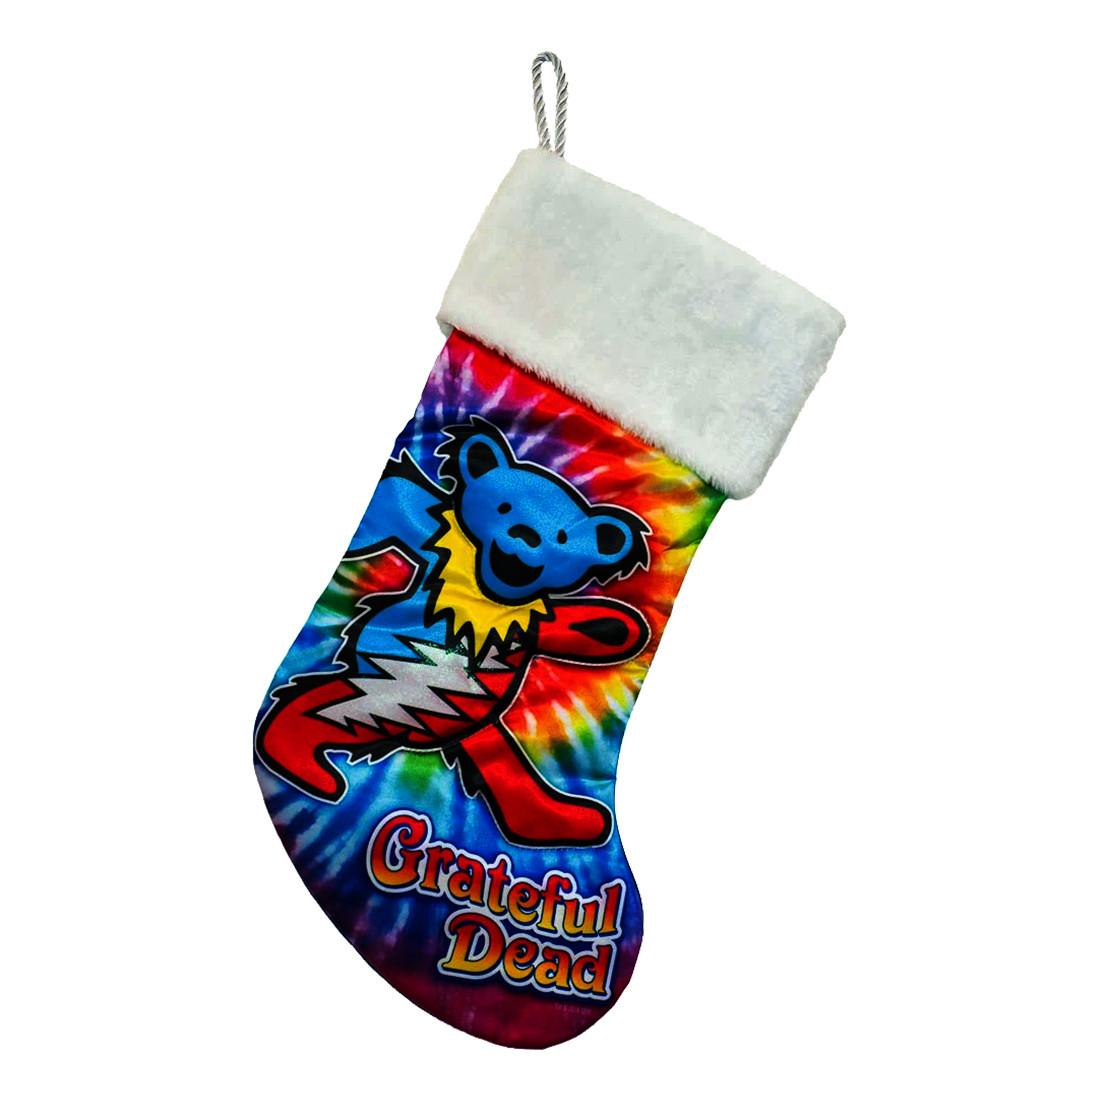 Grateful Dead Tie-Dye Bear Print Stocking